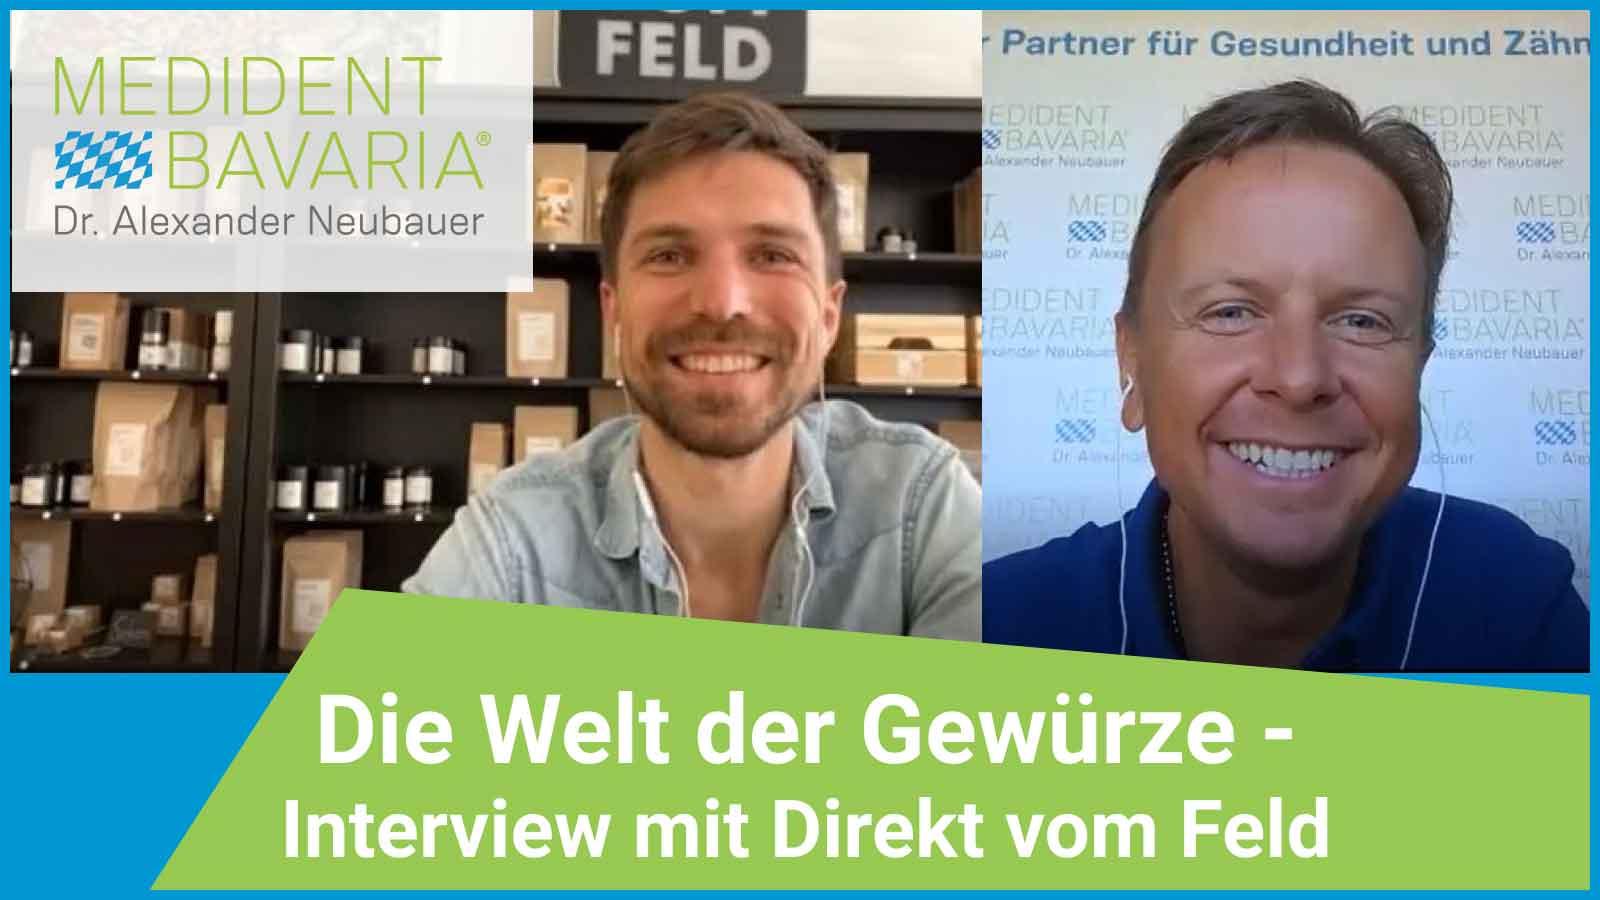 Die Welt der Gewürze- Interview mit Direkt vom Feld